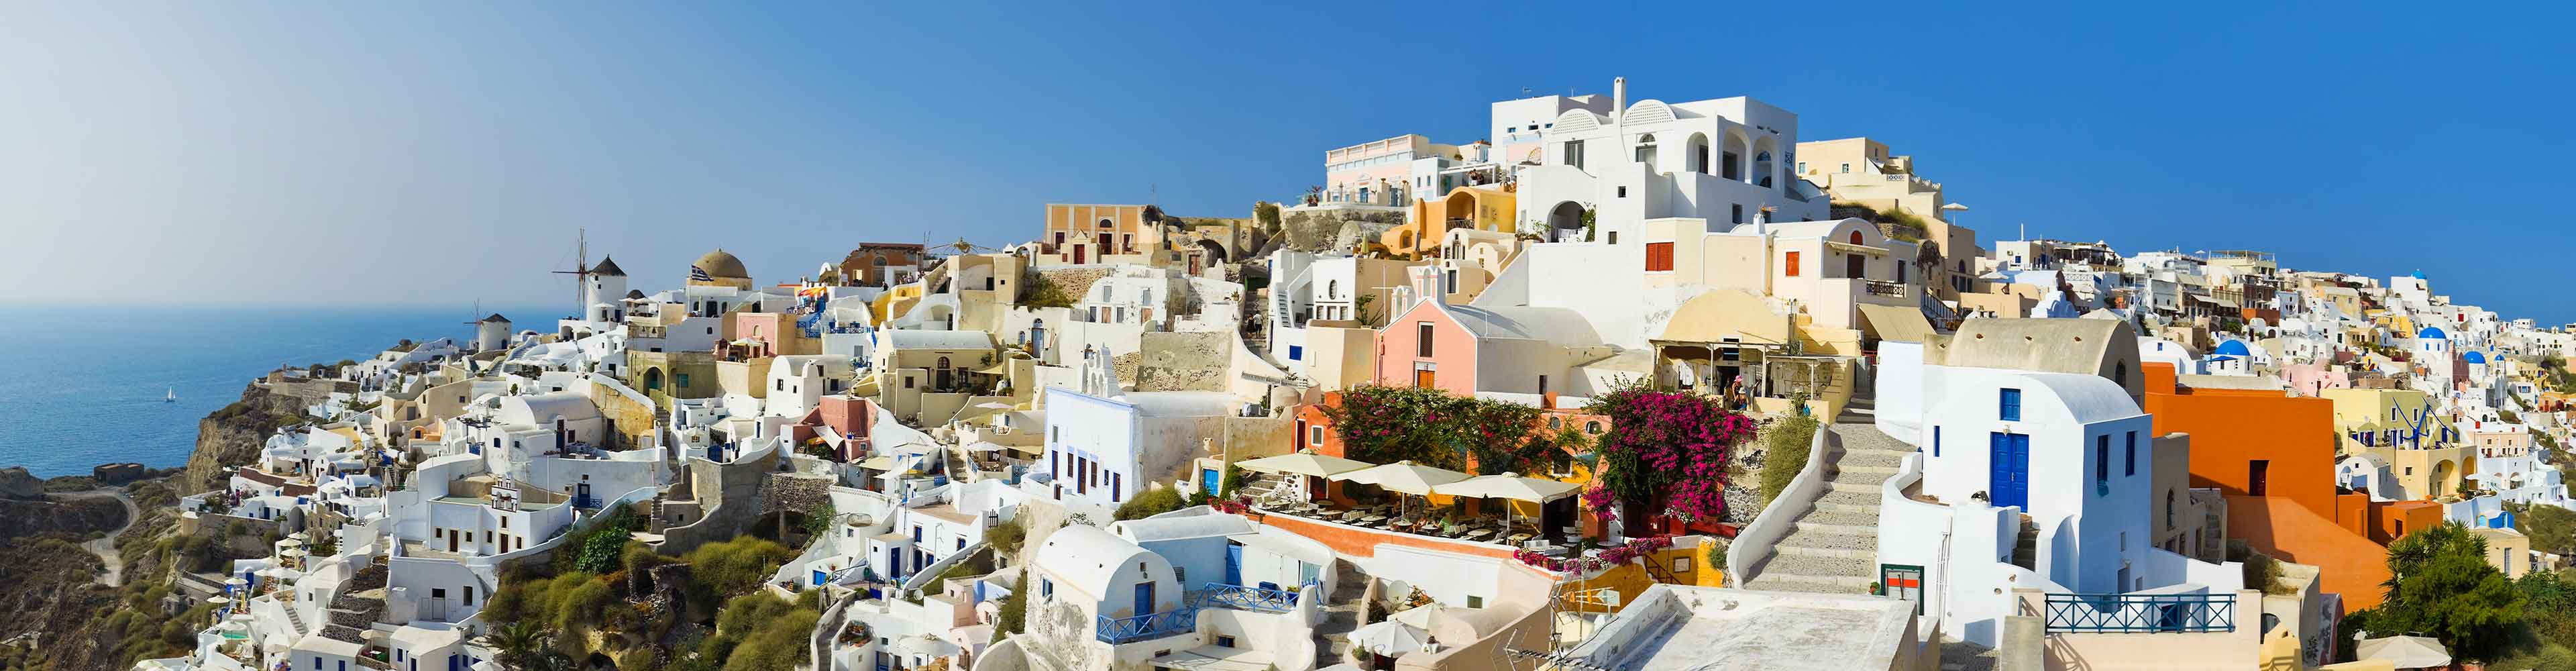 Greek Island Odyssey